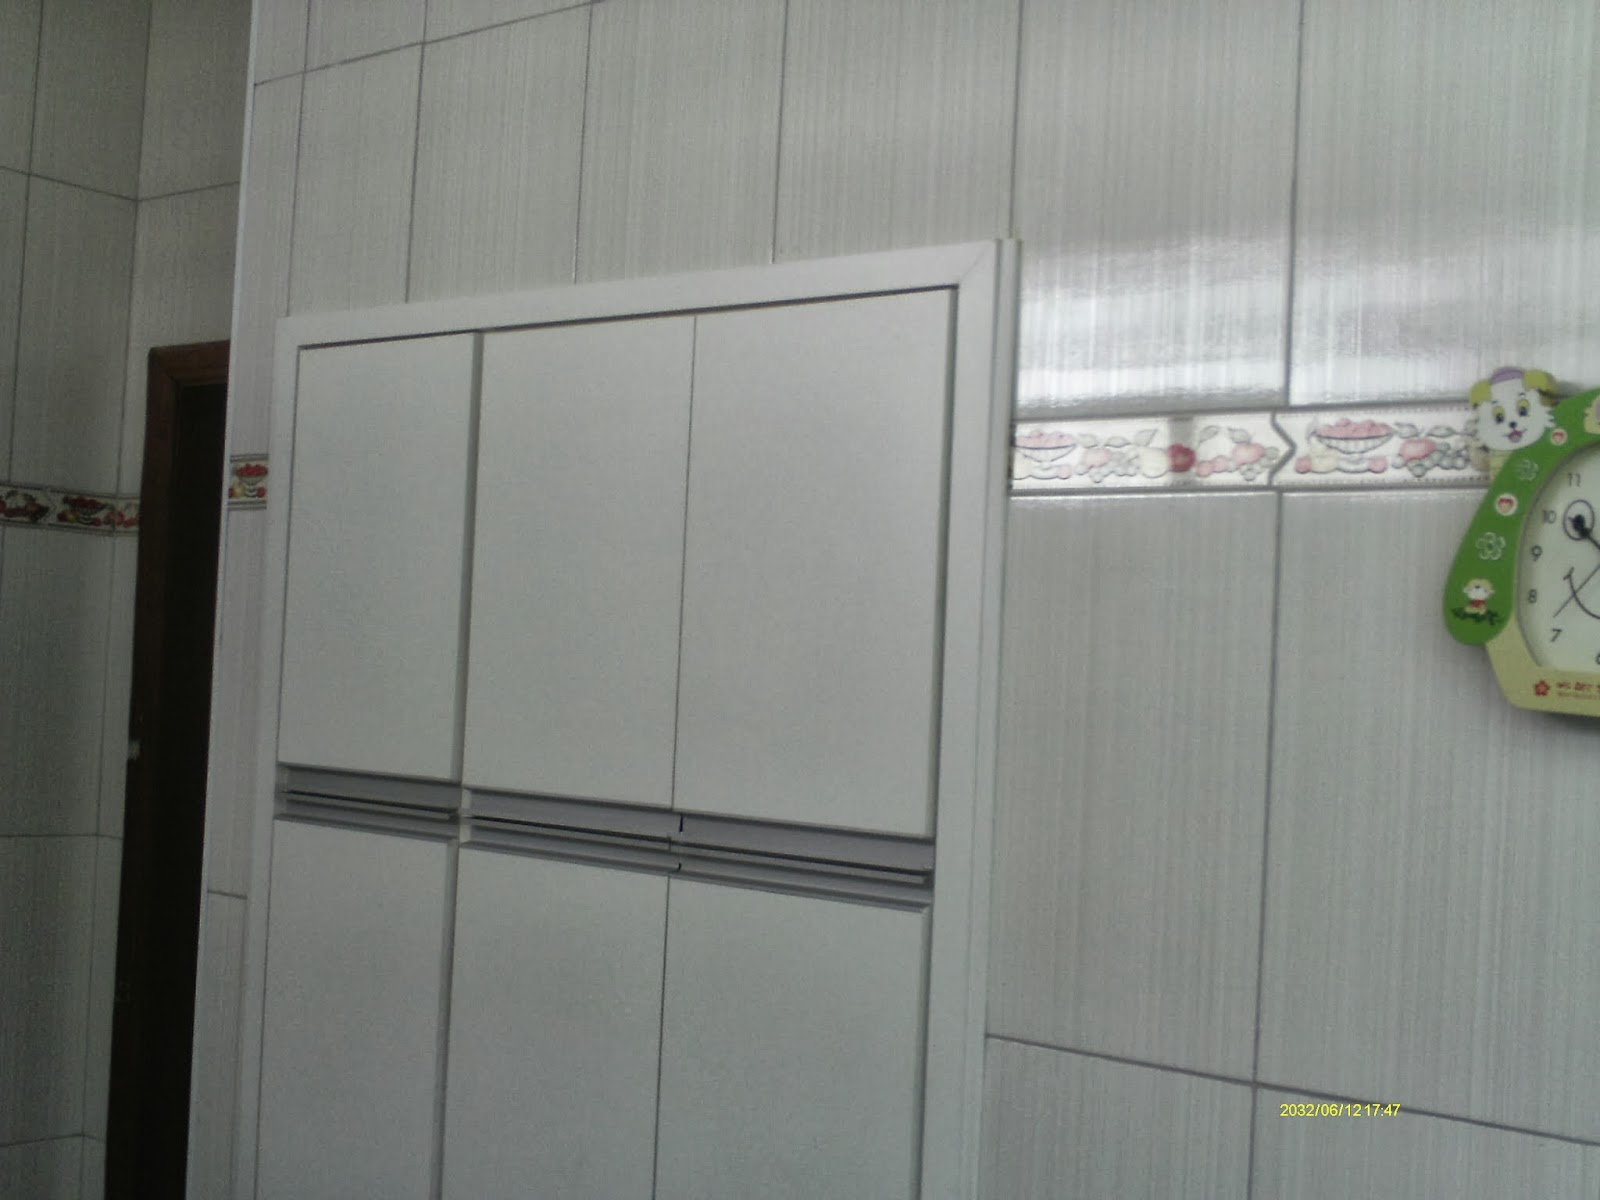 Casa Cocotá Ilha do Governador Avelino Freire Imóveis #4C5D41 1600x1200 Banheiro Com Hidro Pequeno